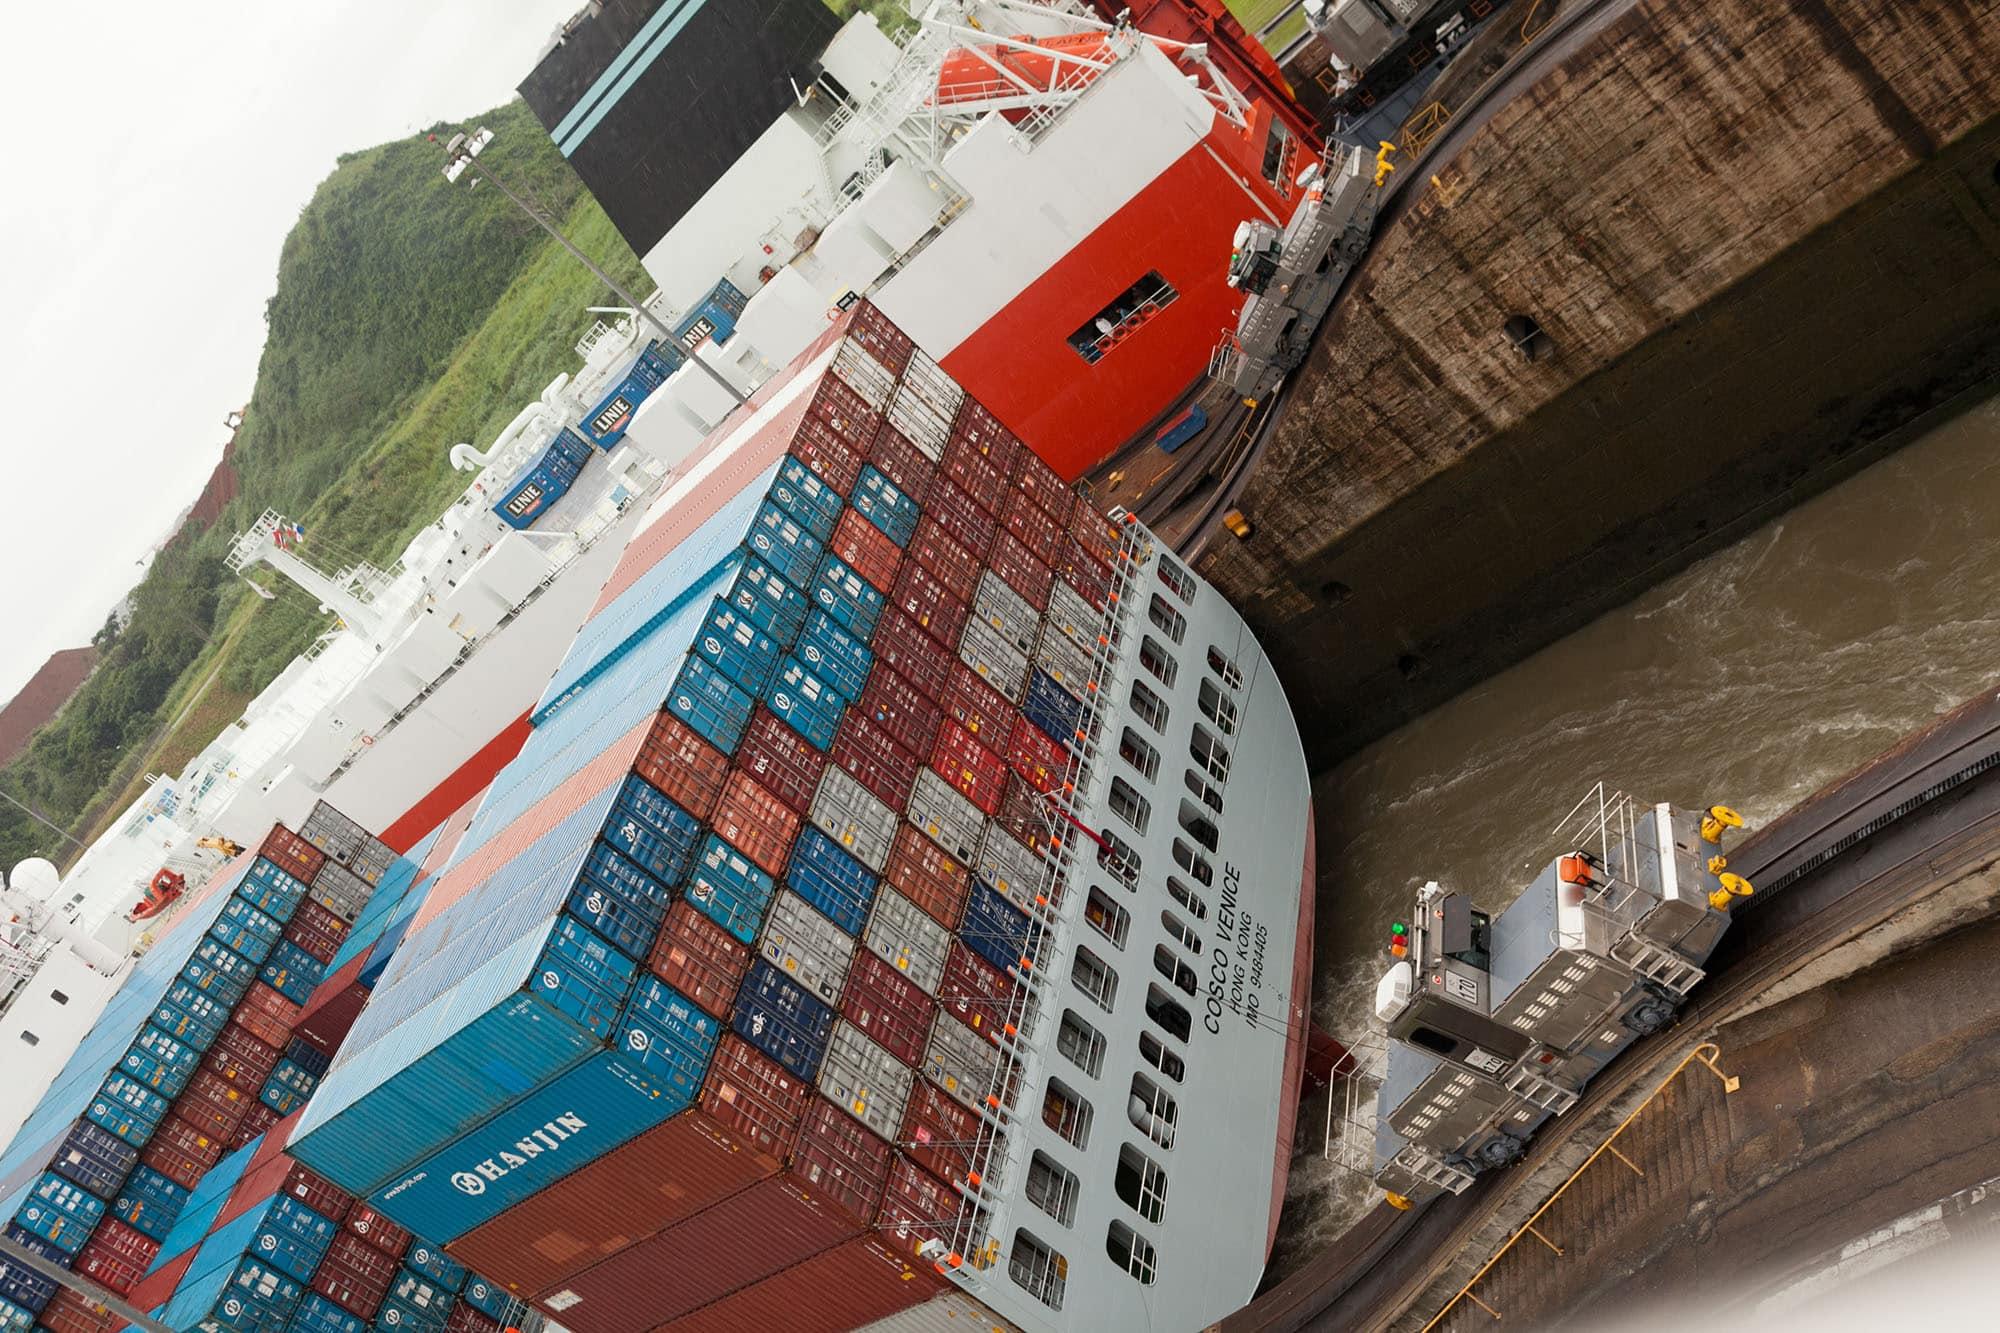 Miraflores Locks at The Panama Canal